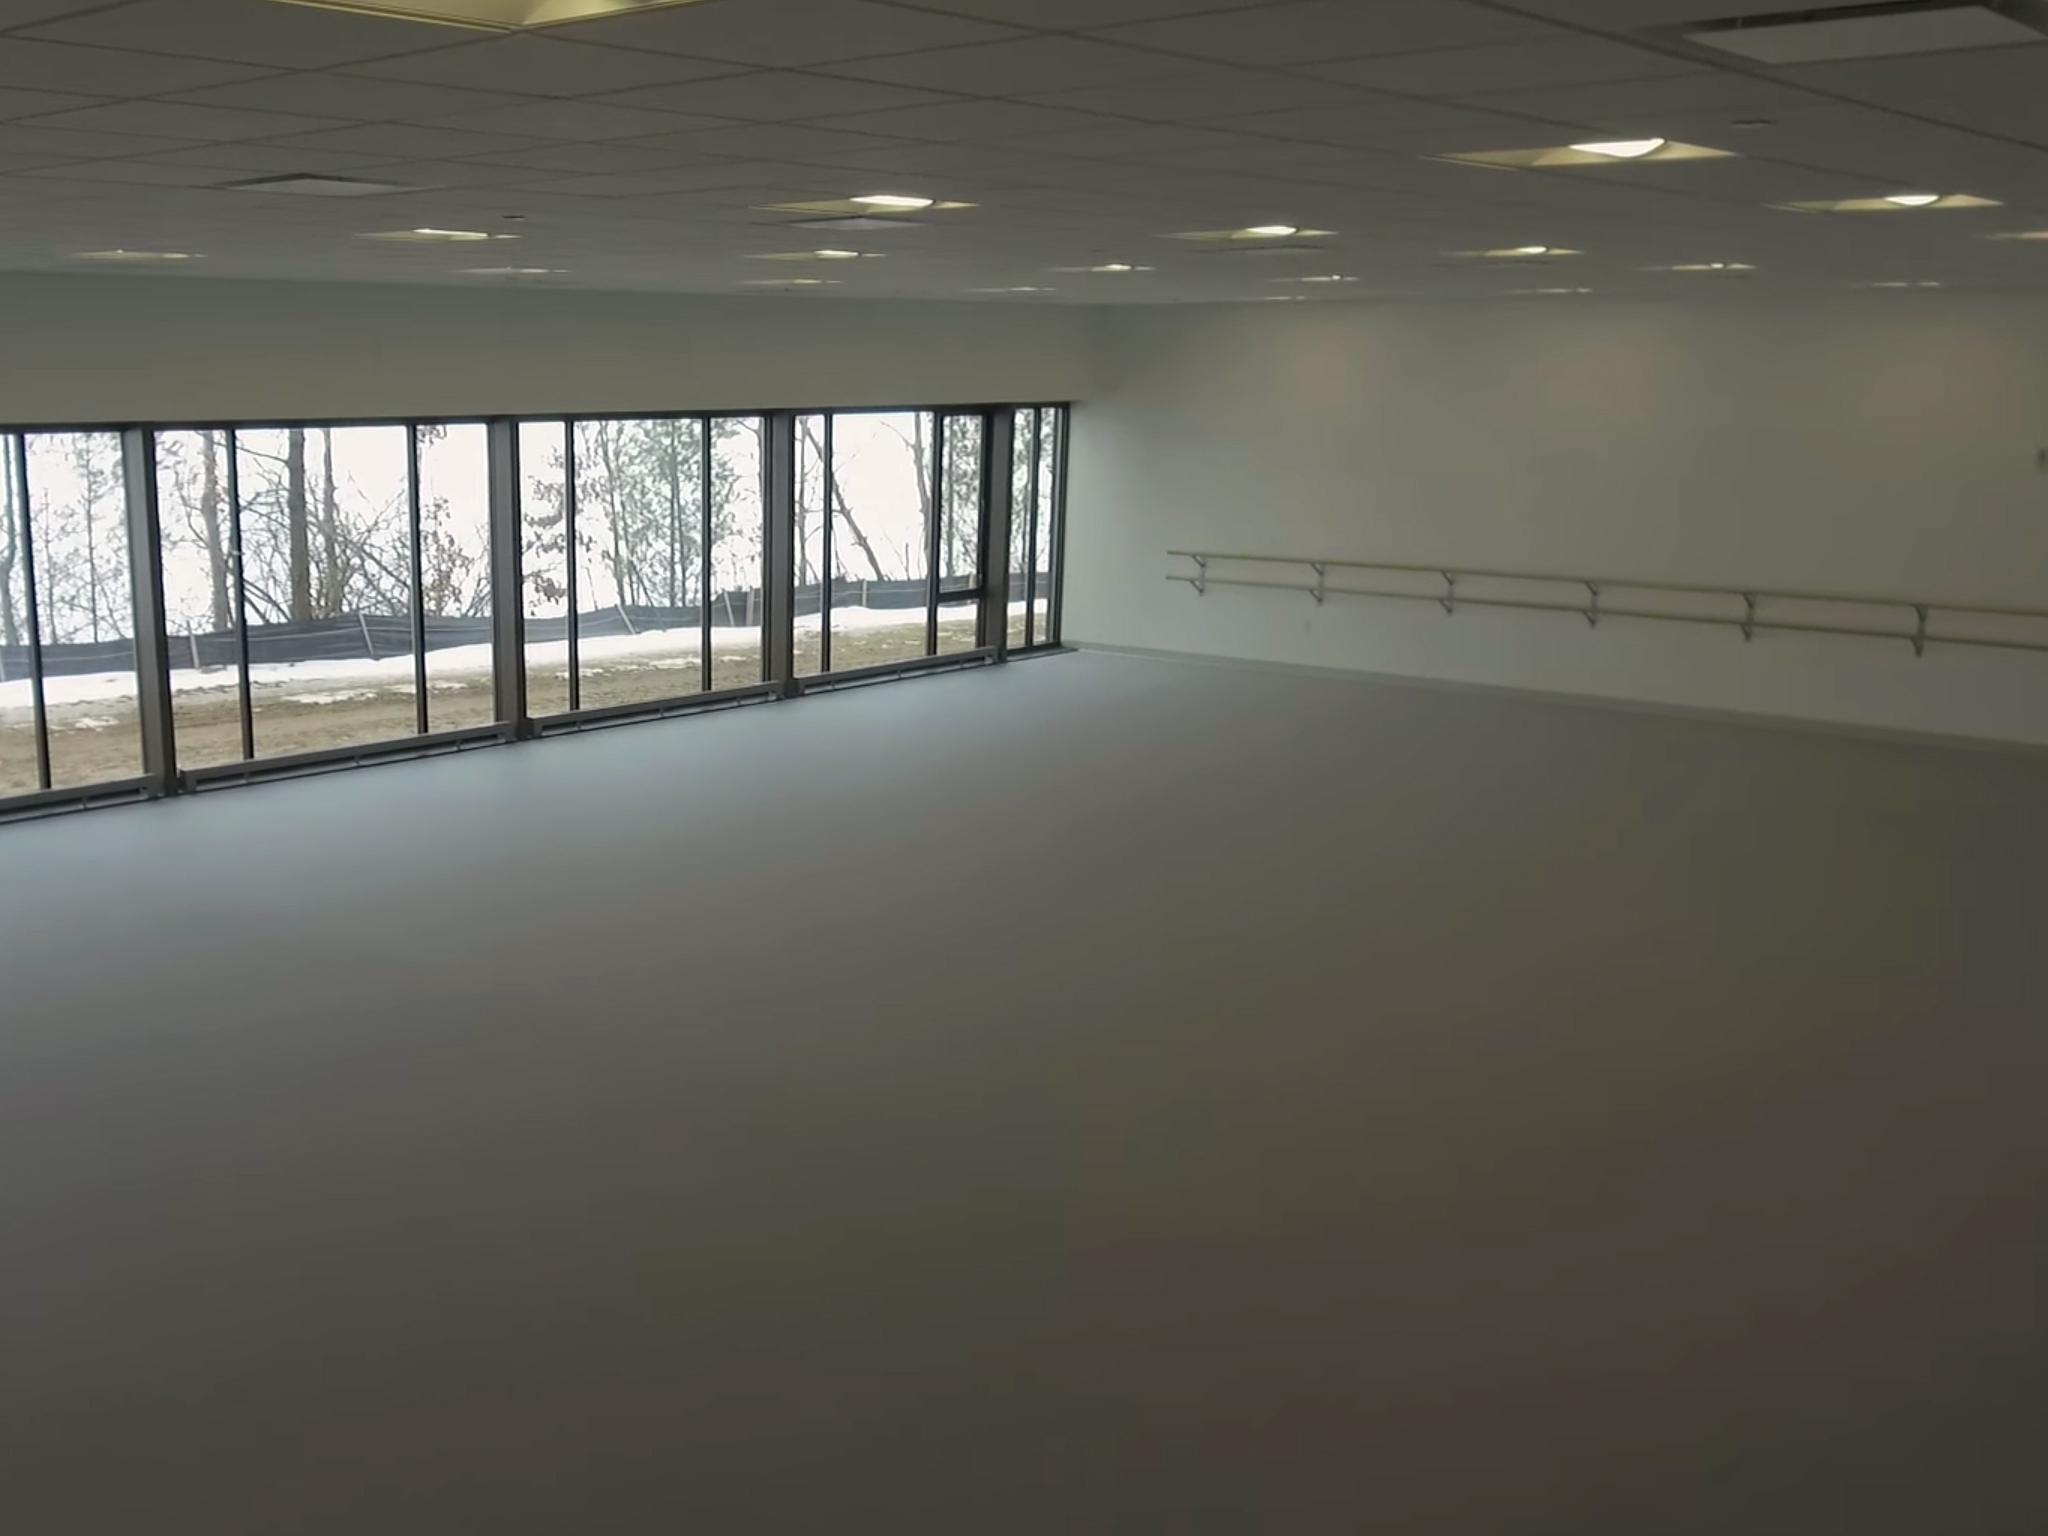 Interlochen Dance Center